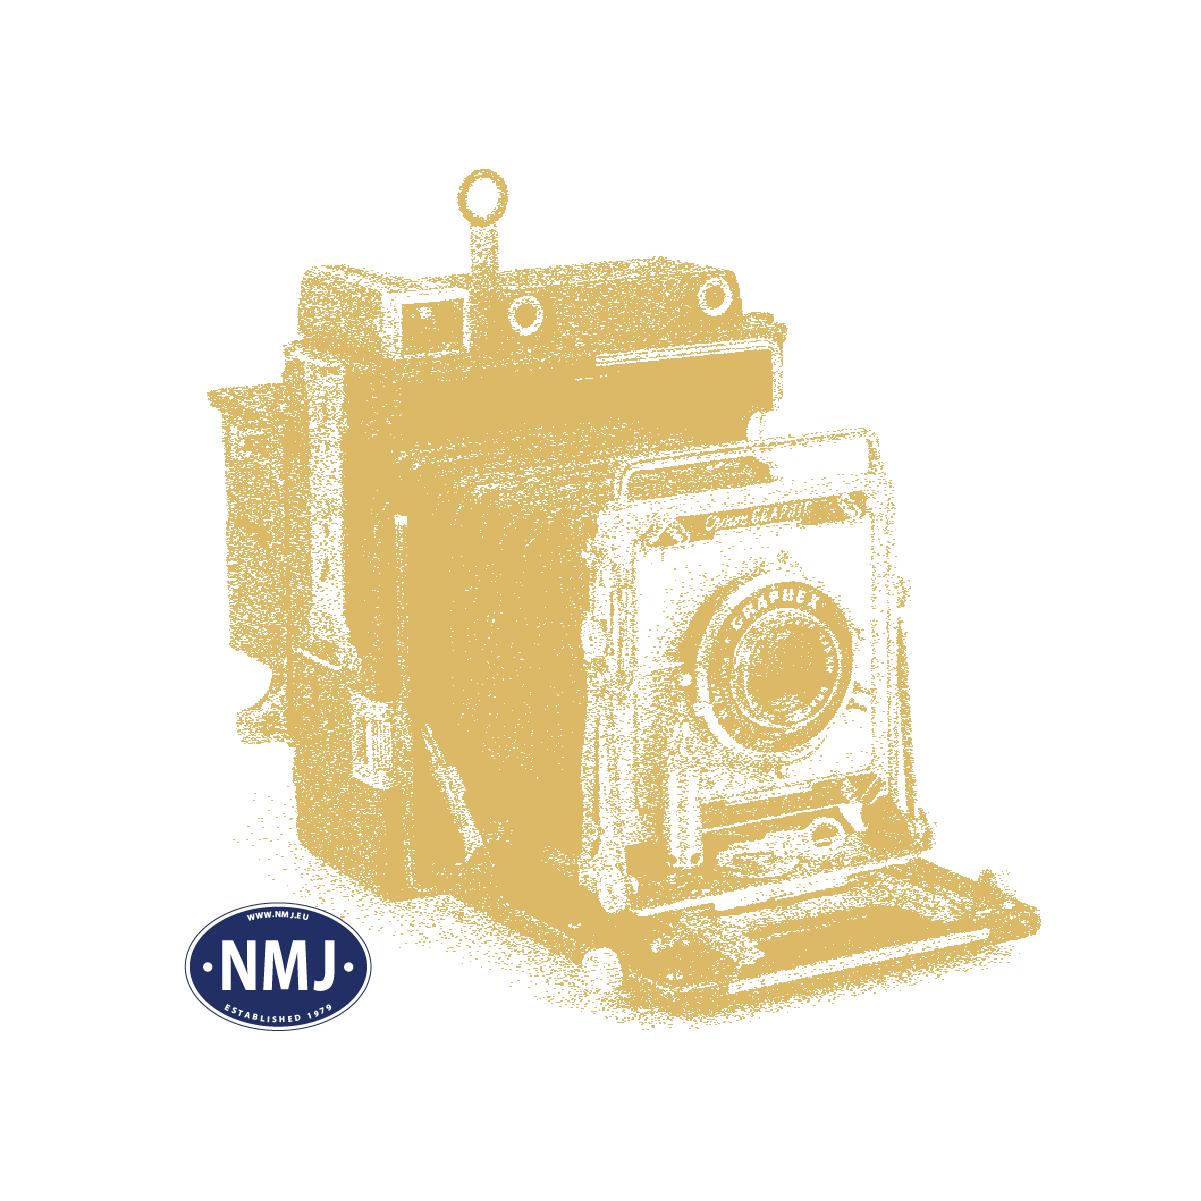 NOC15060 - Jegere og tømmerhoggere